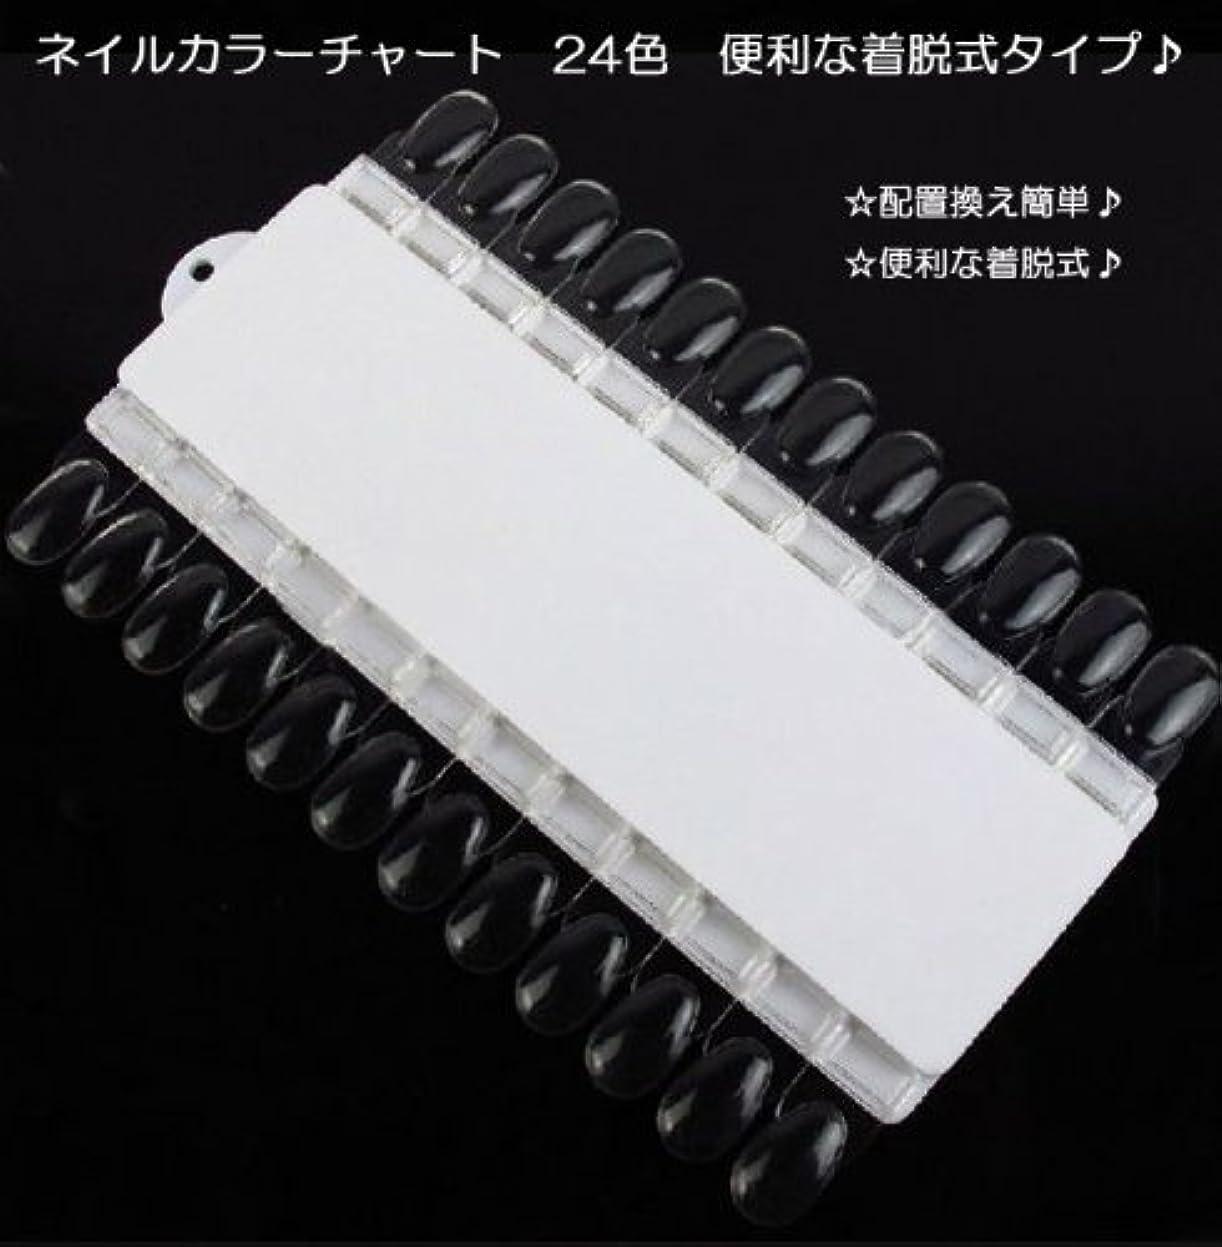 平手打ち拳知り合い【新入荷!】ネイルカラーチャート 24色 便利な着脱式タイプ?